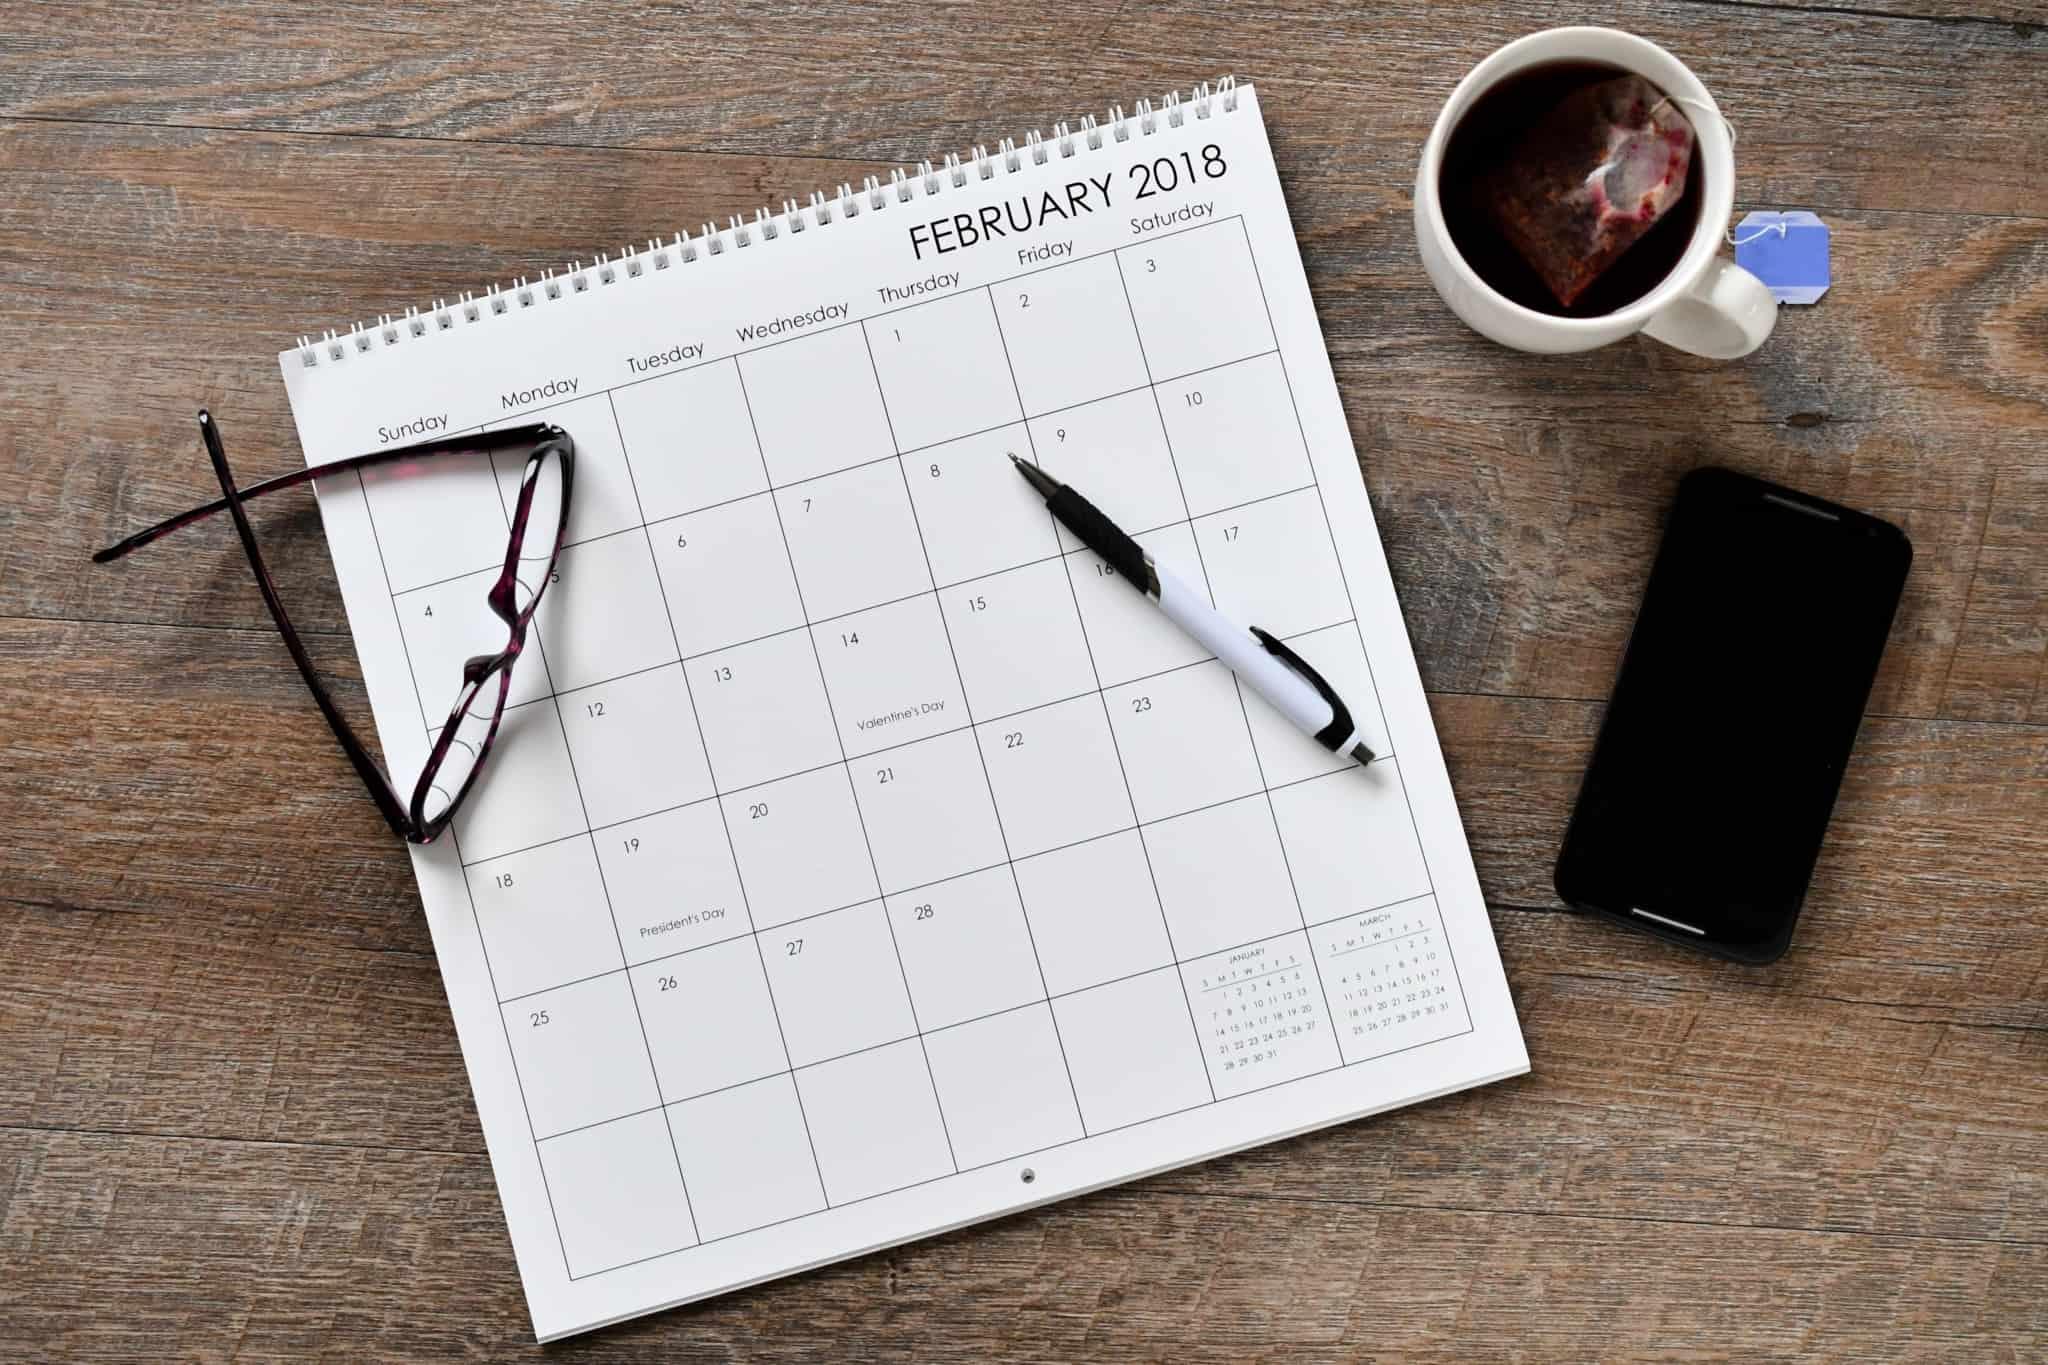 calendario com fevereiro 2018